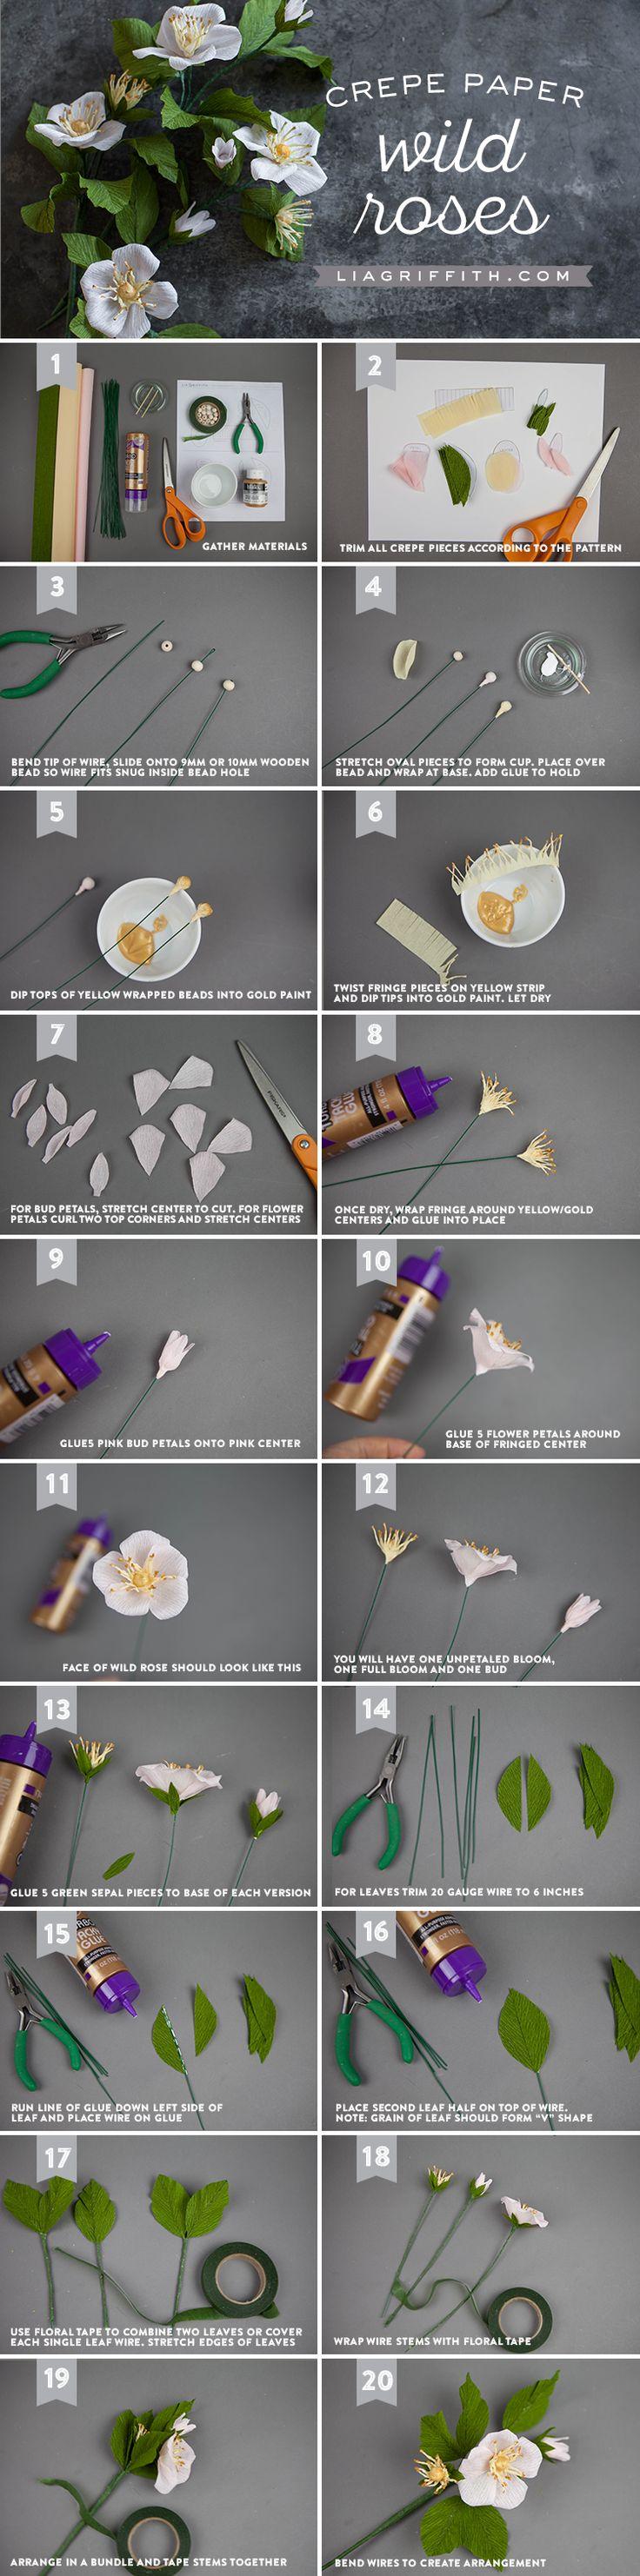 Crepe Paper Wild Rose